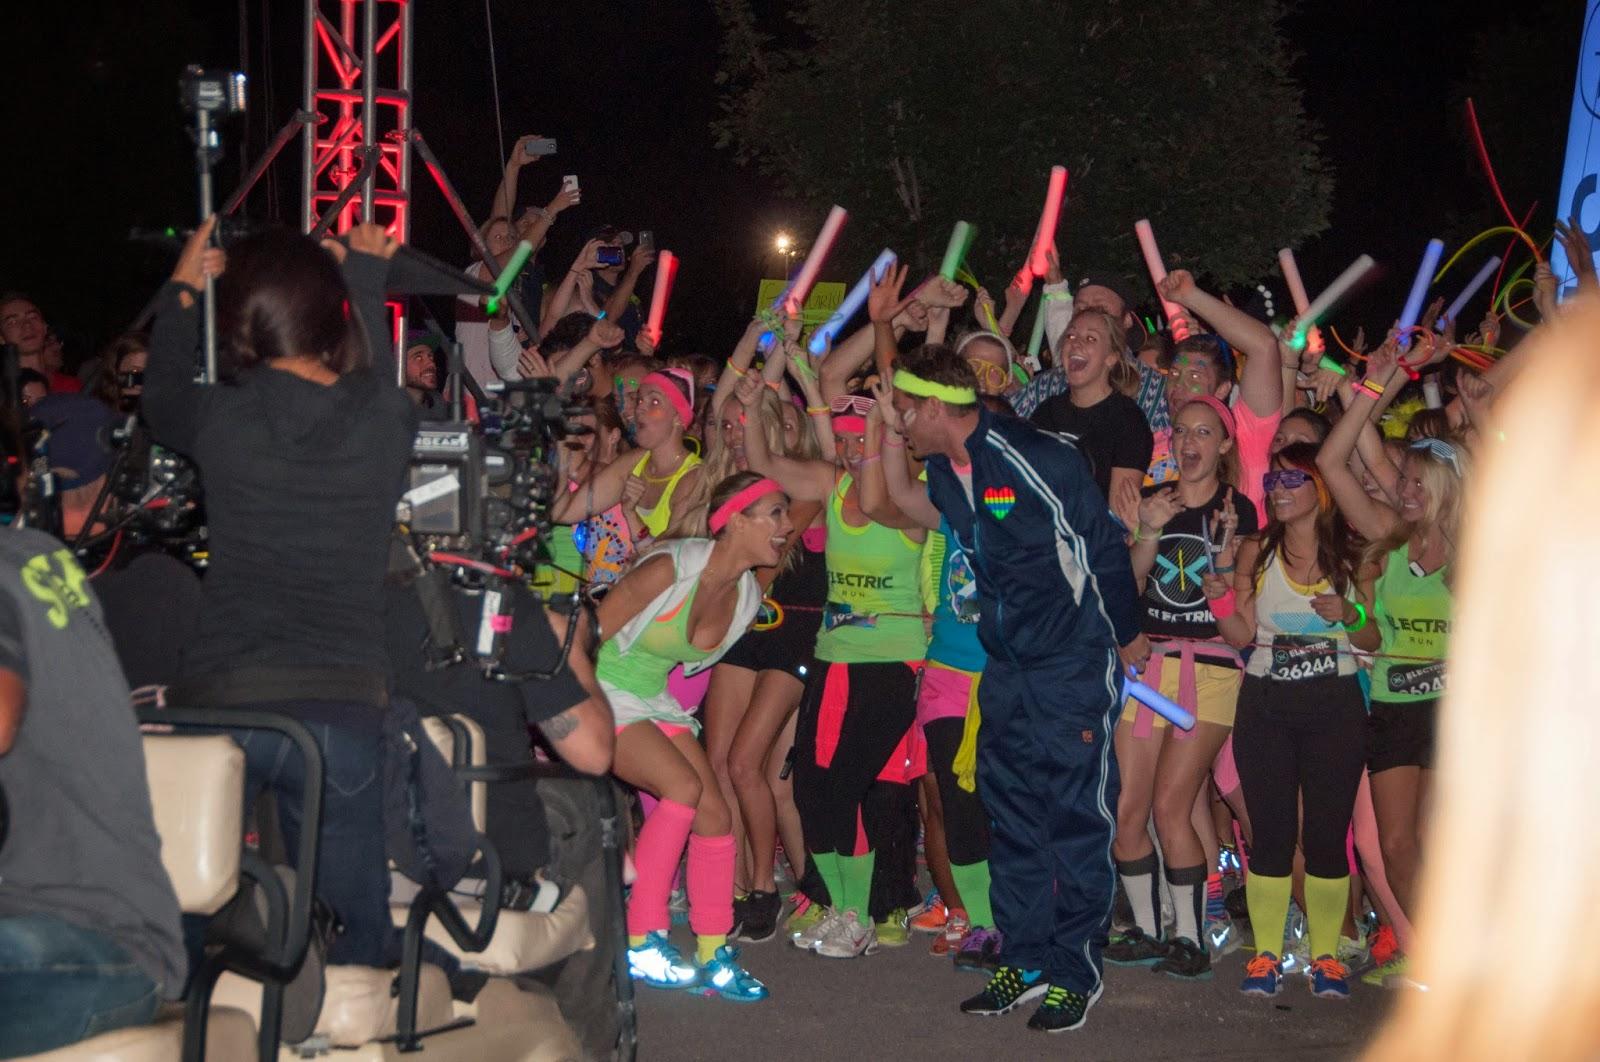 electric run, juan pablo, the bachelor, glow sticks, abc bachelor comes to utah,  juan pablo bachelor in utah,